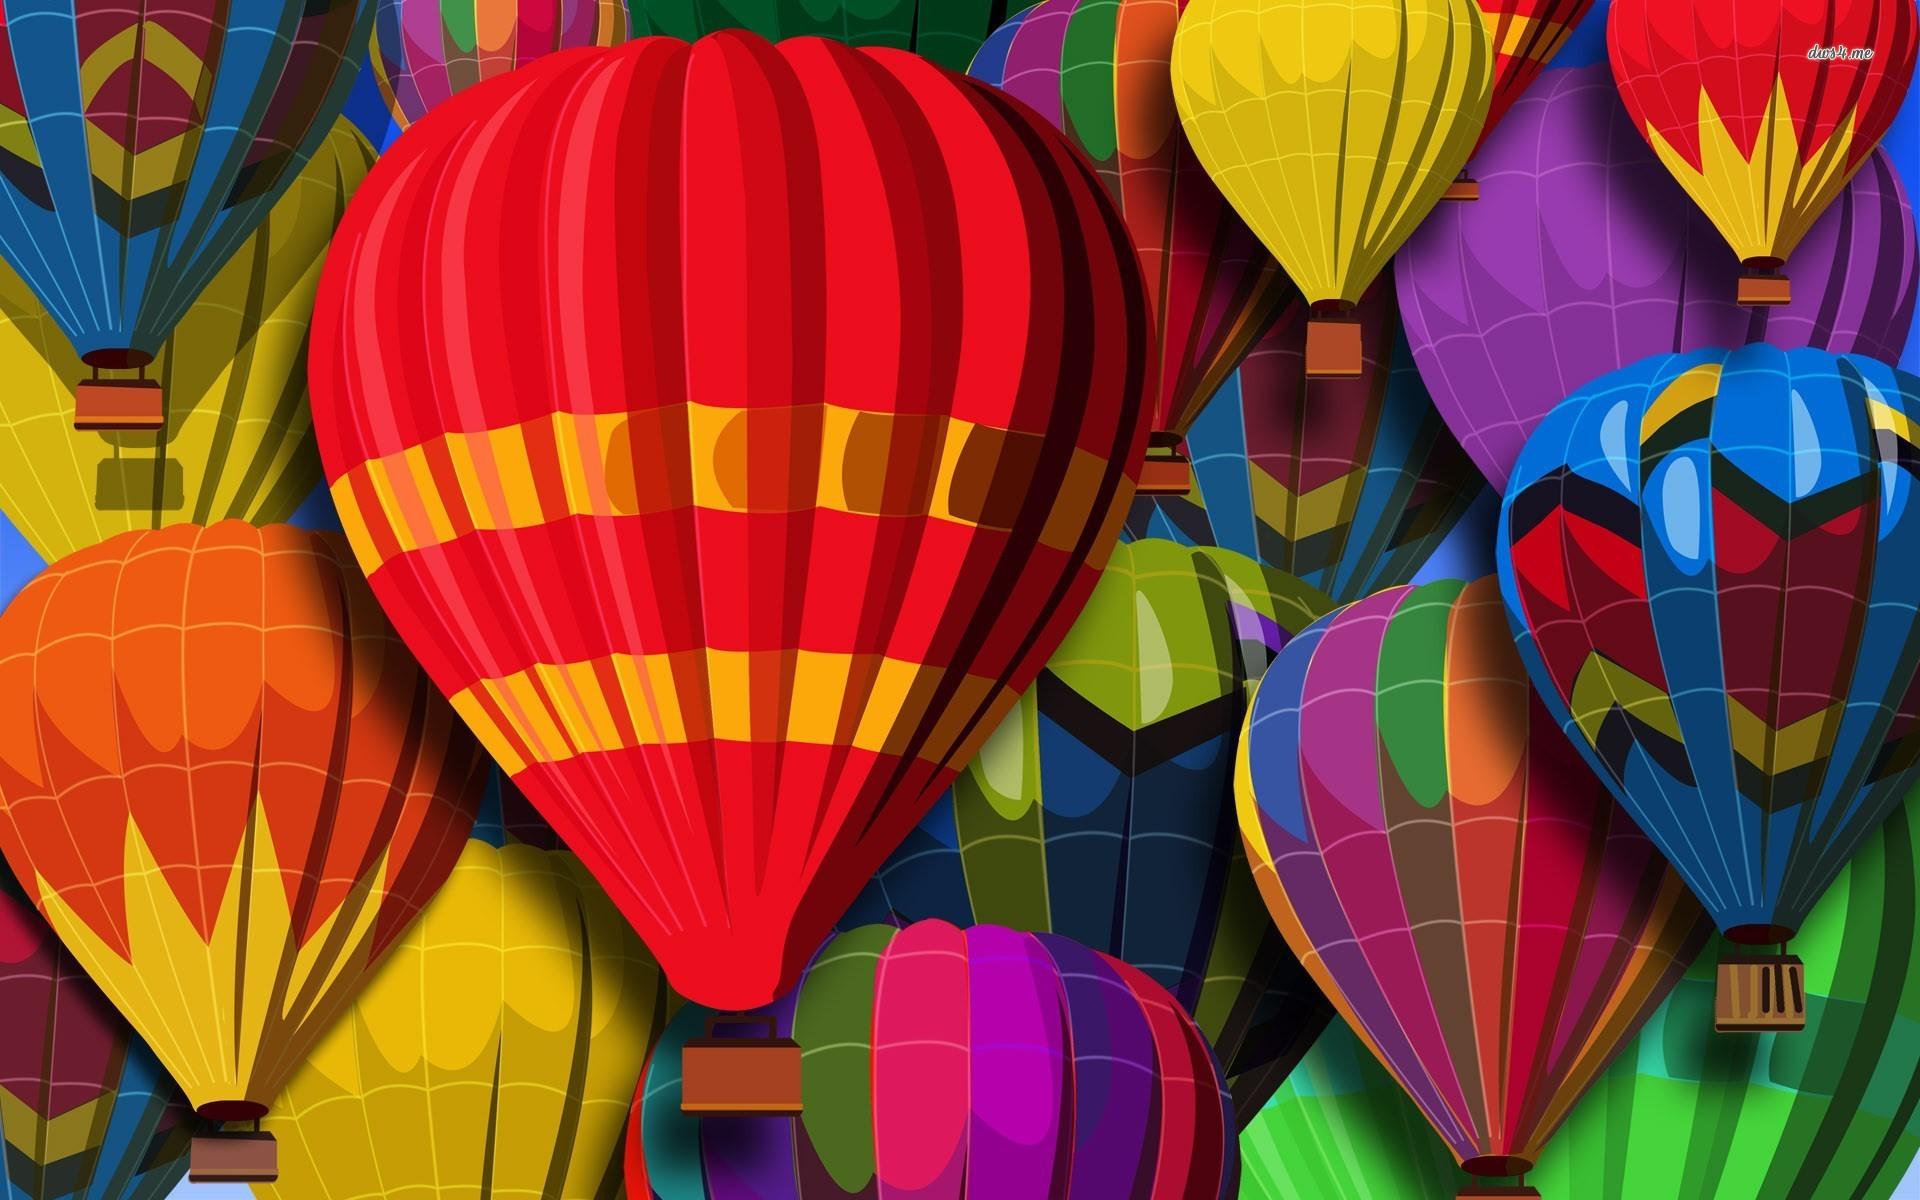 Colorful Hot Air Balloons Wallpaper - WallpaperSafari